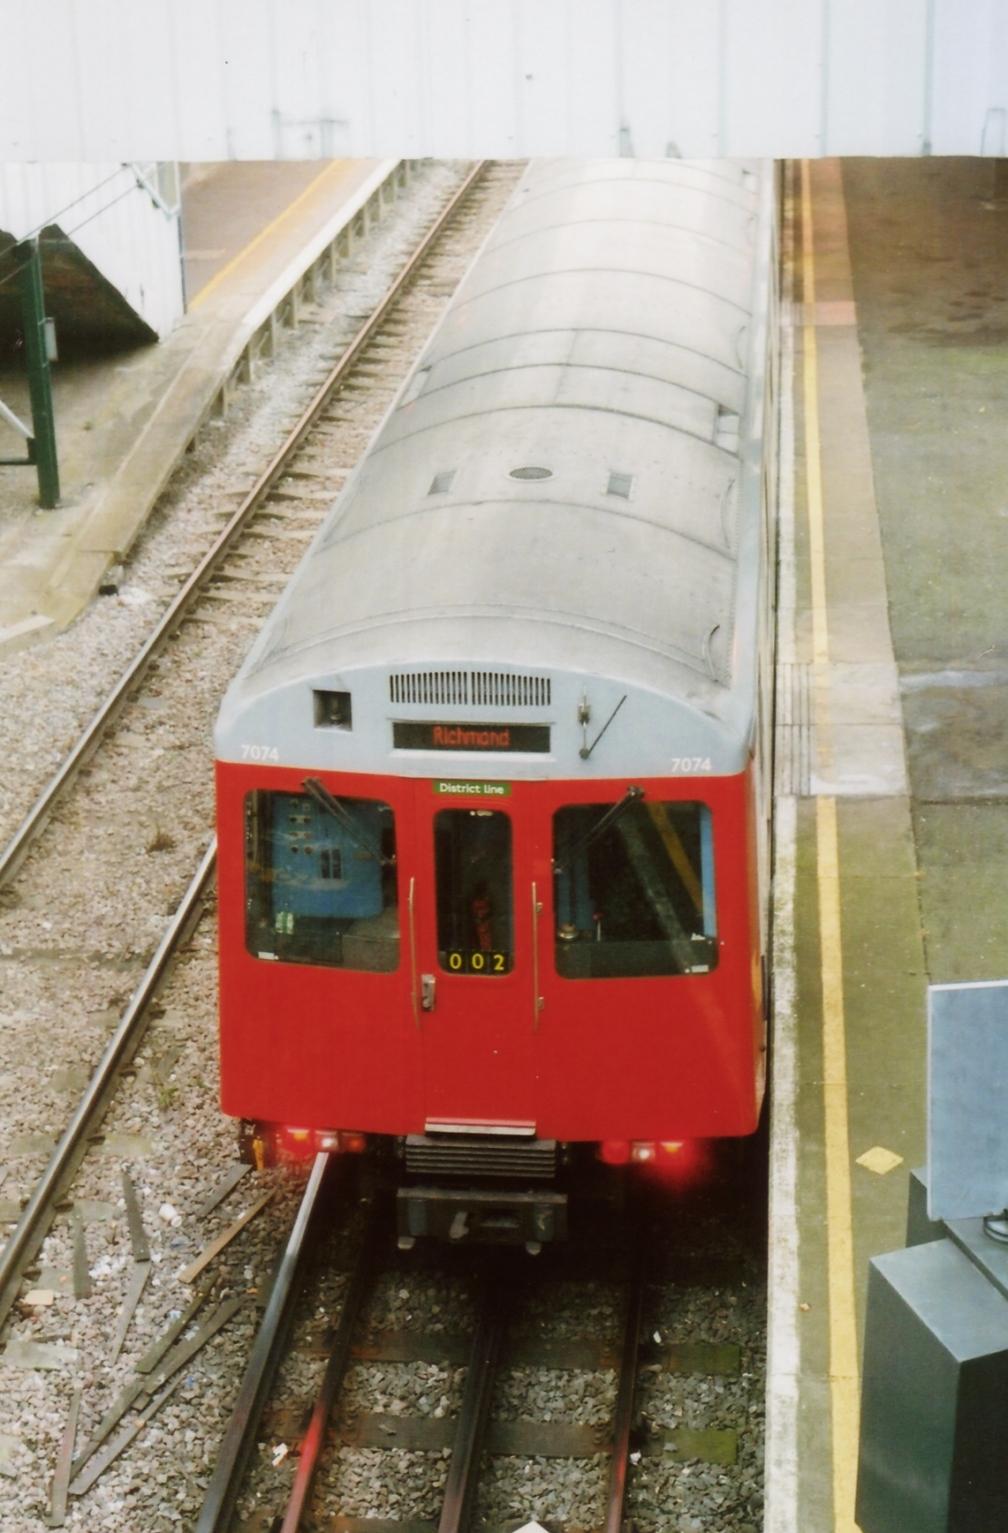 7074-d78-upminster-8-07